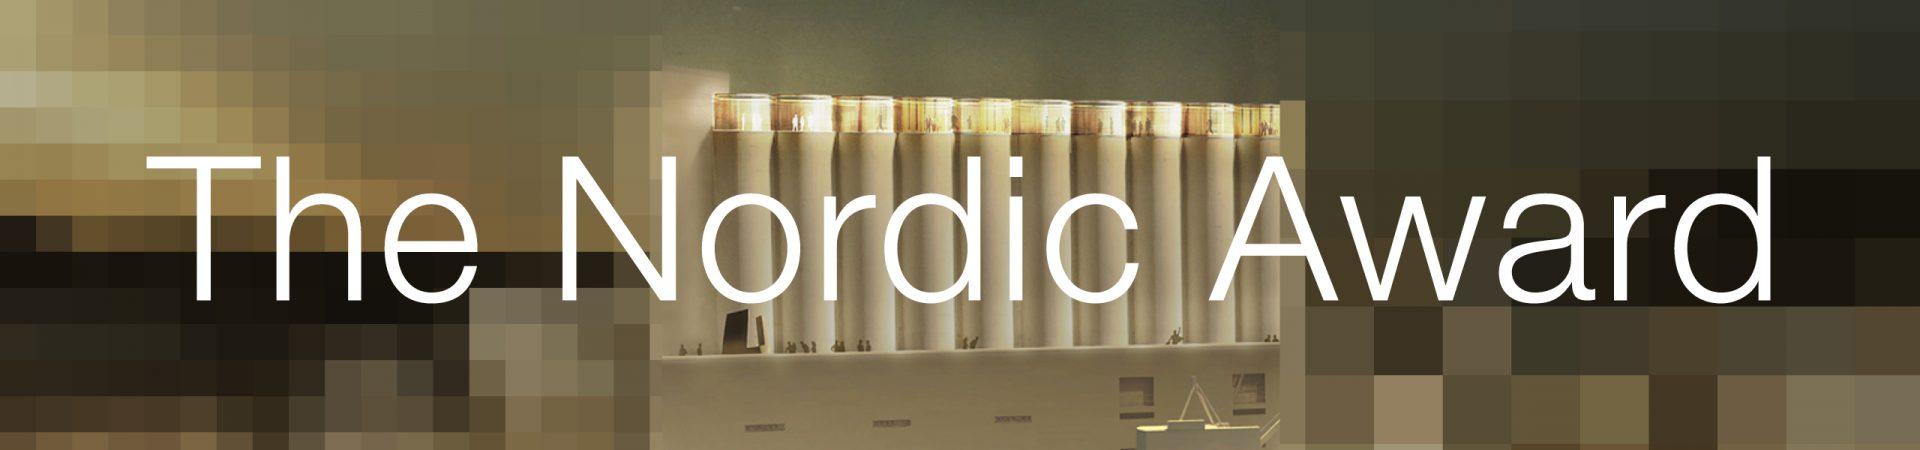 Sørlandets Kunstmuseum / Kunstsilo etablerer ny nordisk pris.